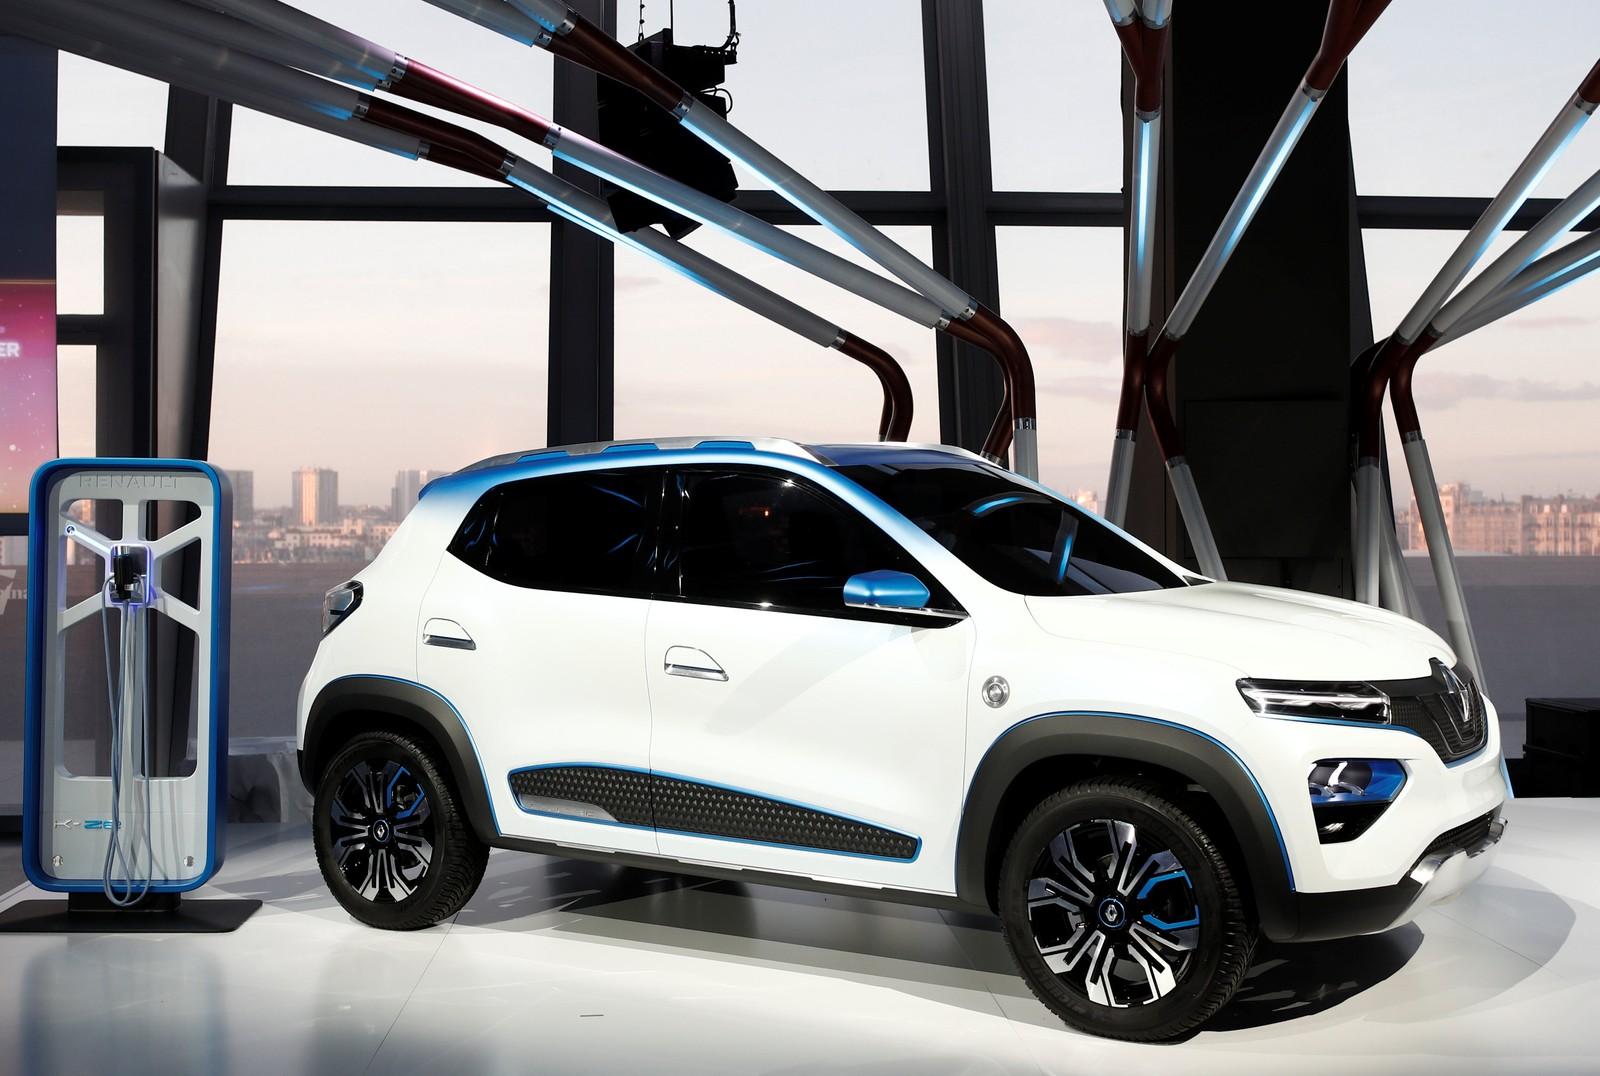 Renault quer aprender com Zoe para vender Kwid elétrico no Brasil 2018-10-01t184849z-946706460-rc1b907ebb10-rtrmadp-3-autoshow-paris-electric-squeeze